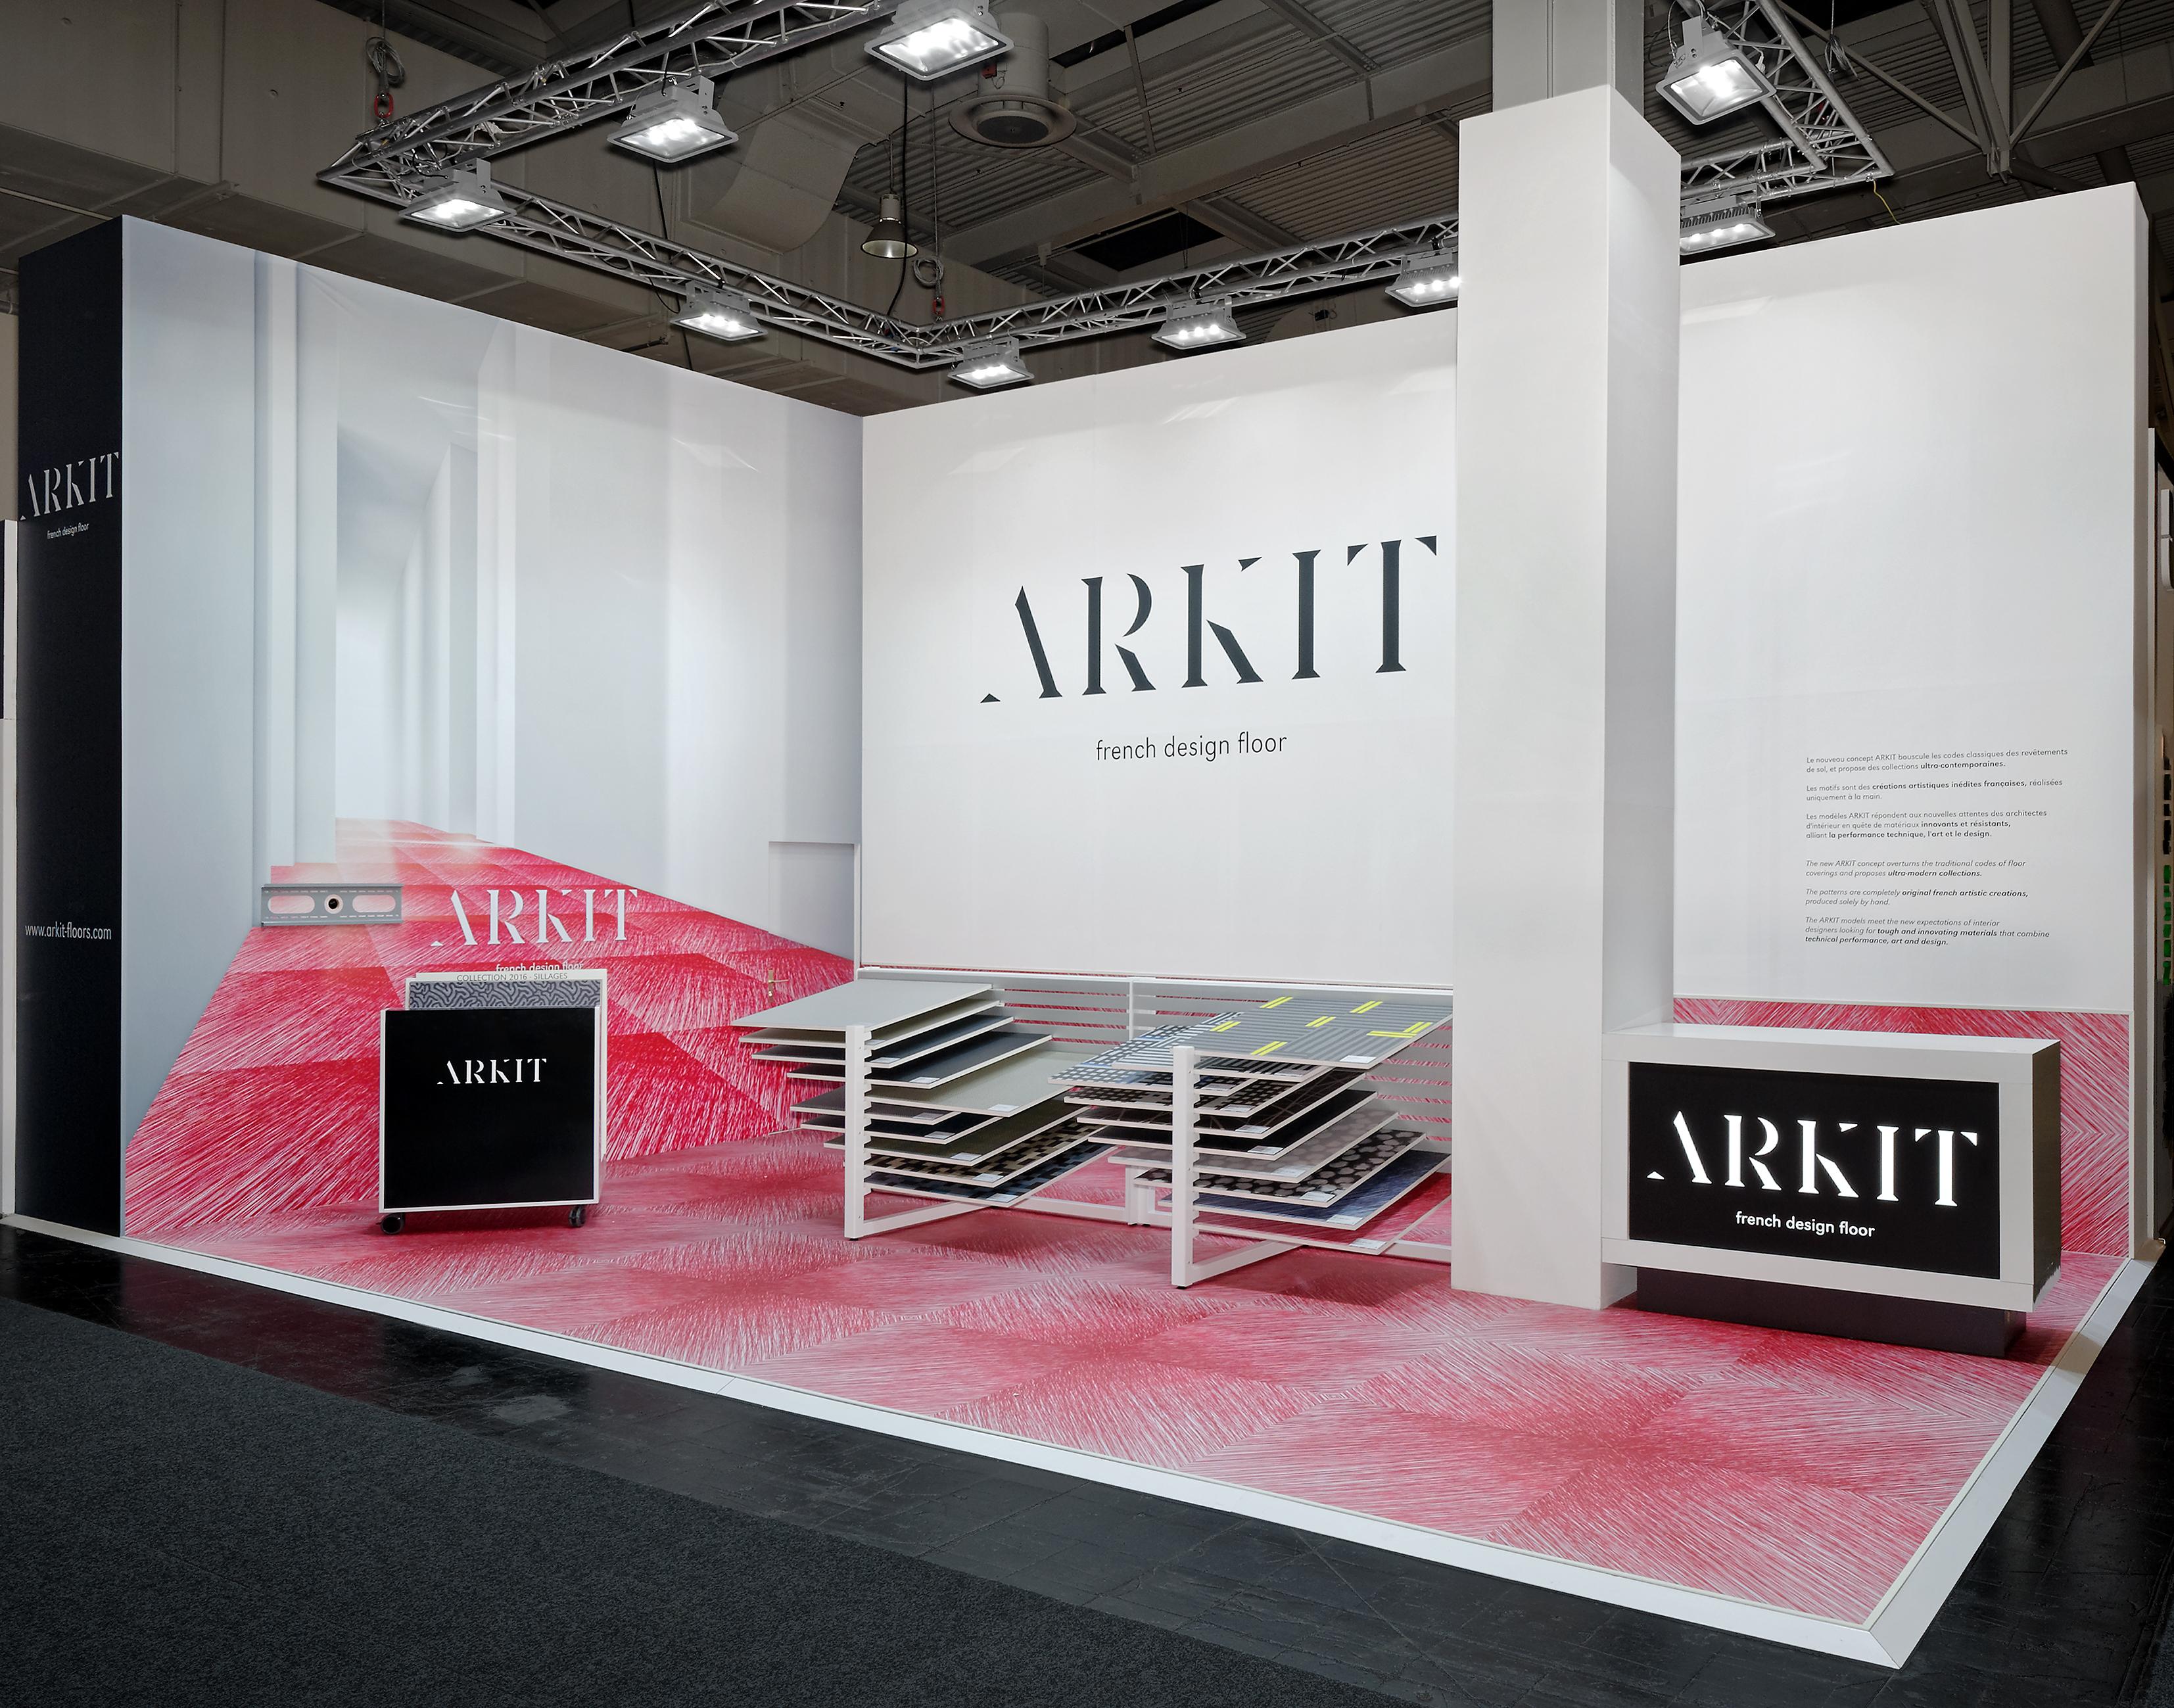 artepy-arkit-floor